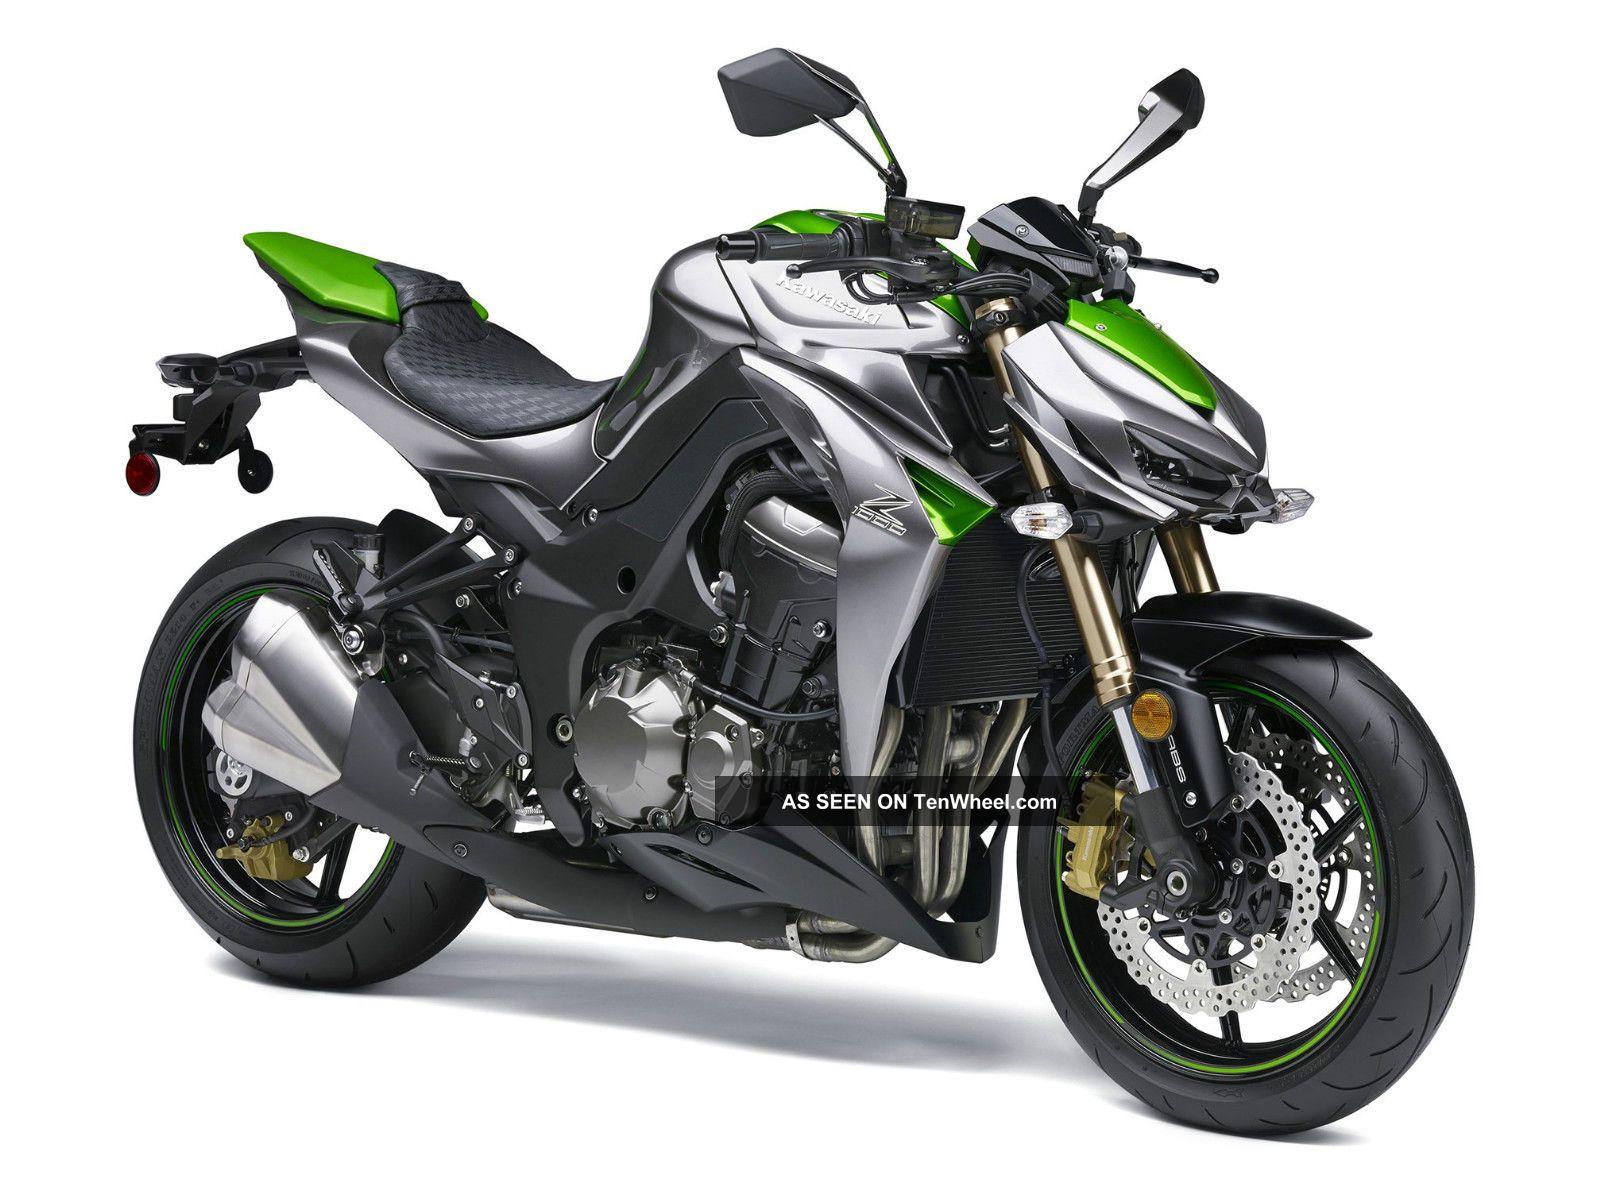 2014 Kawasaki Z1000 Zr1000 Ninja Abs Ninja Red Tag No Hidden Fees Ninja photo